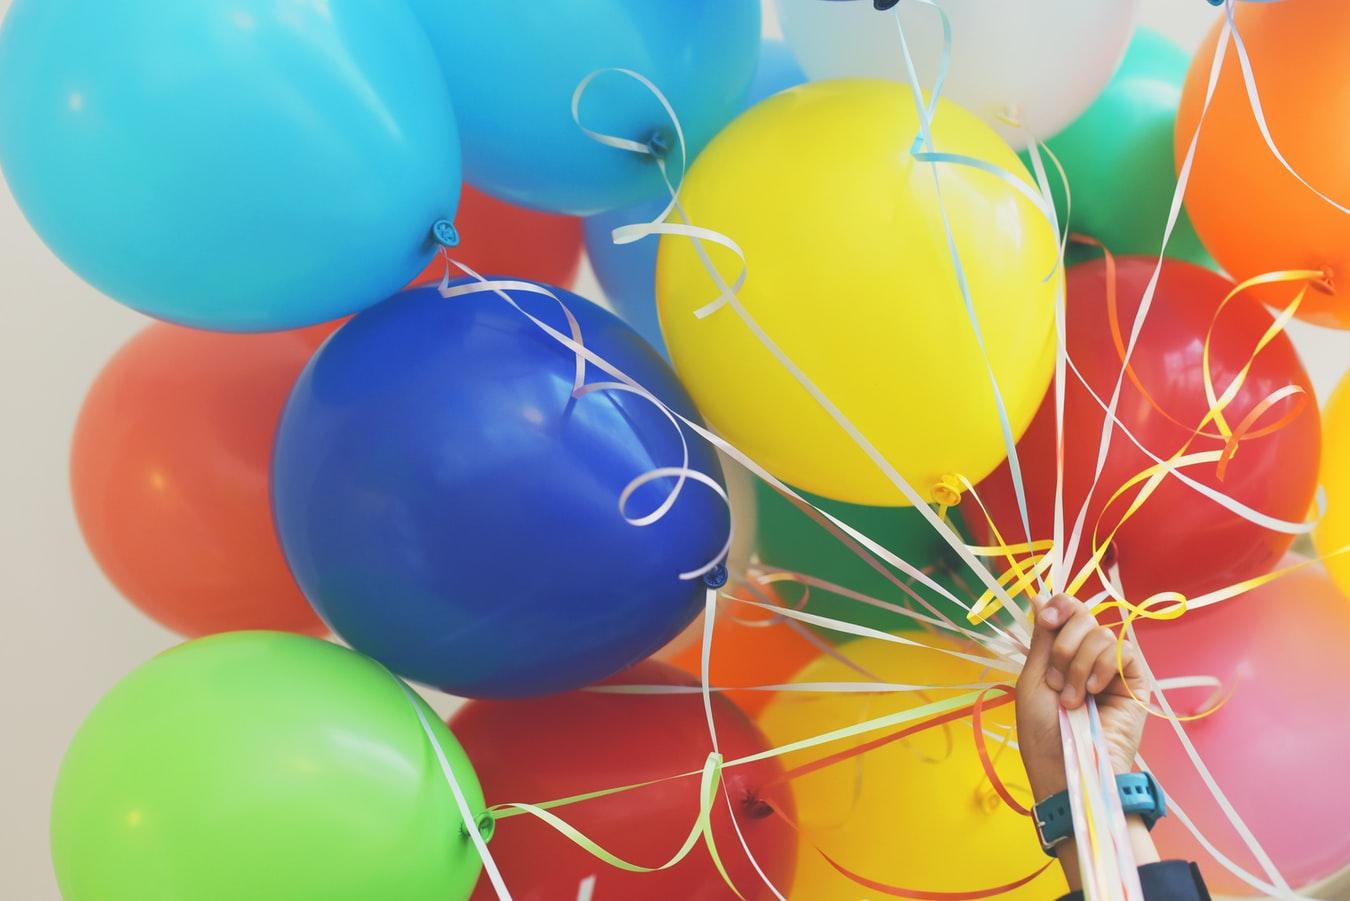 Organiser un anniversaire dans un parc de jeux intérieur